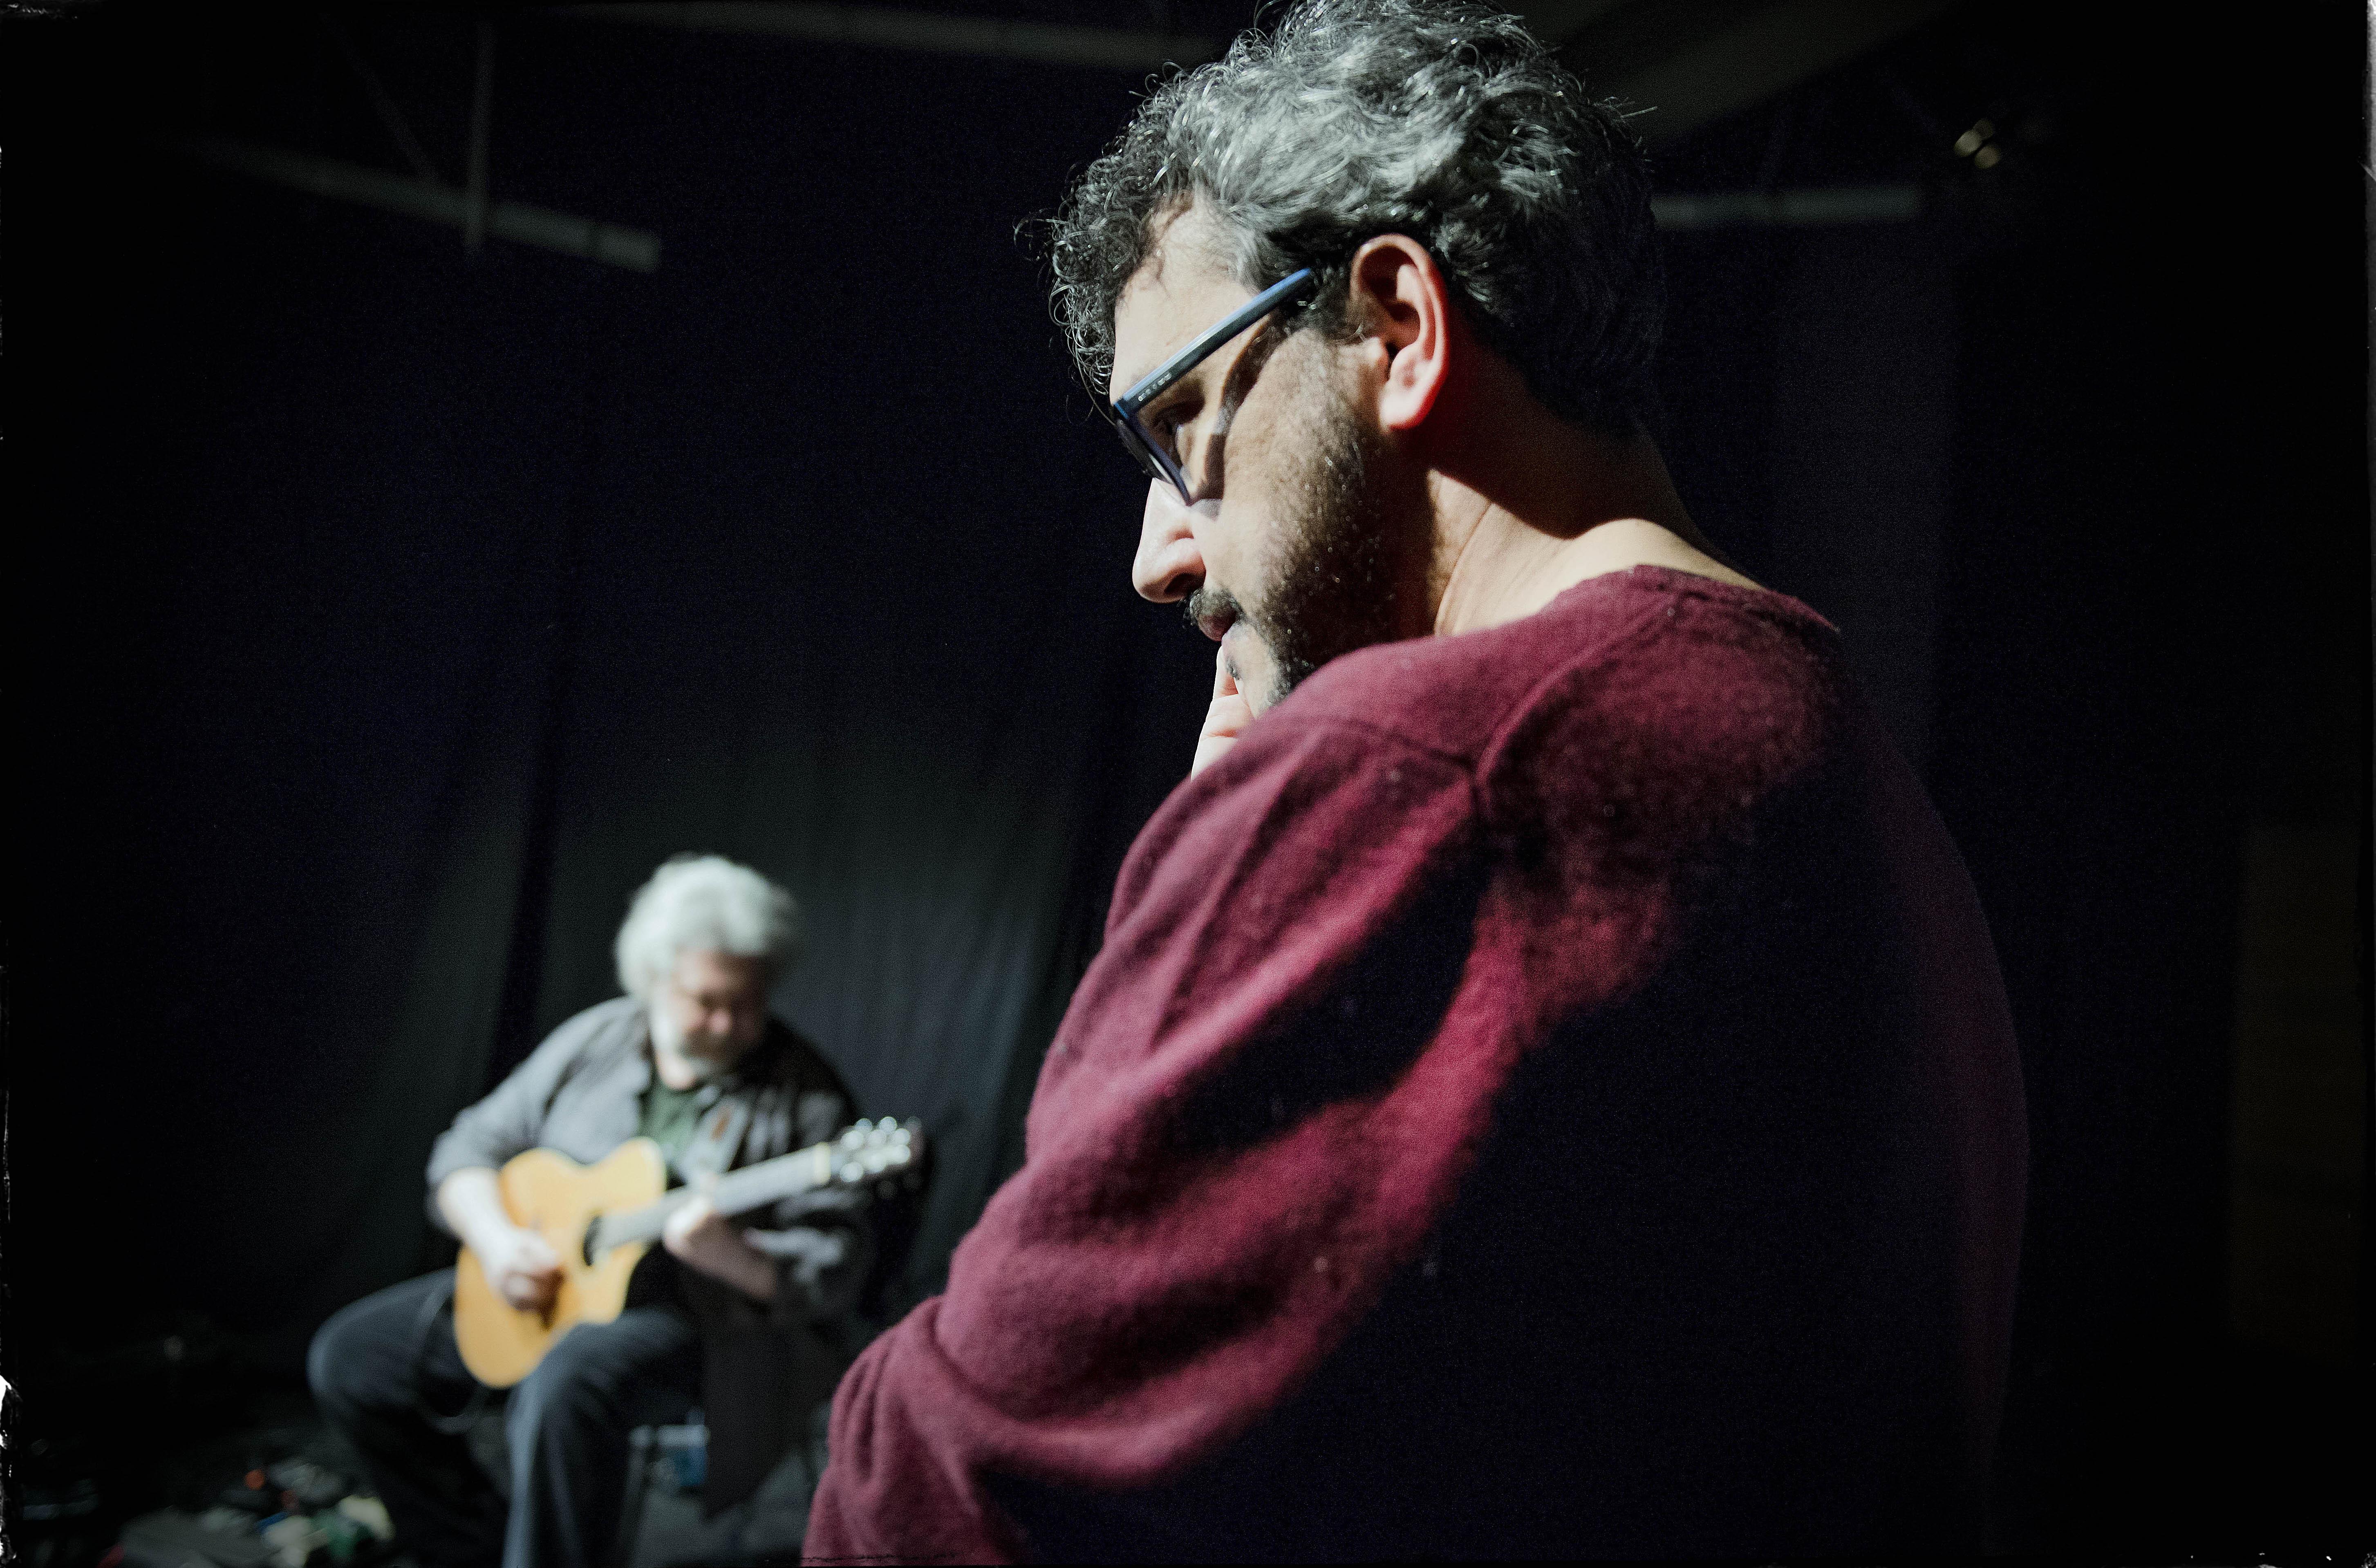 L'Attimo Dopo with Massimo Gezzi